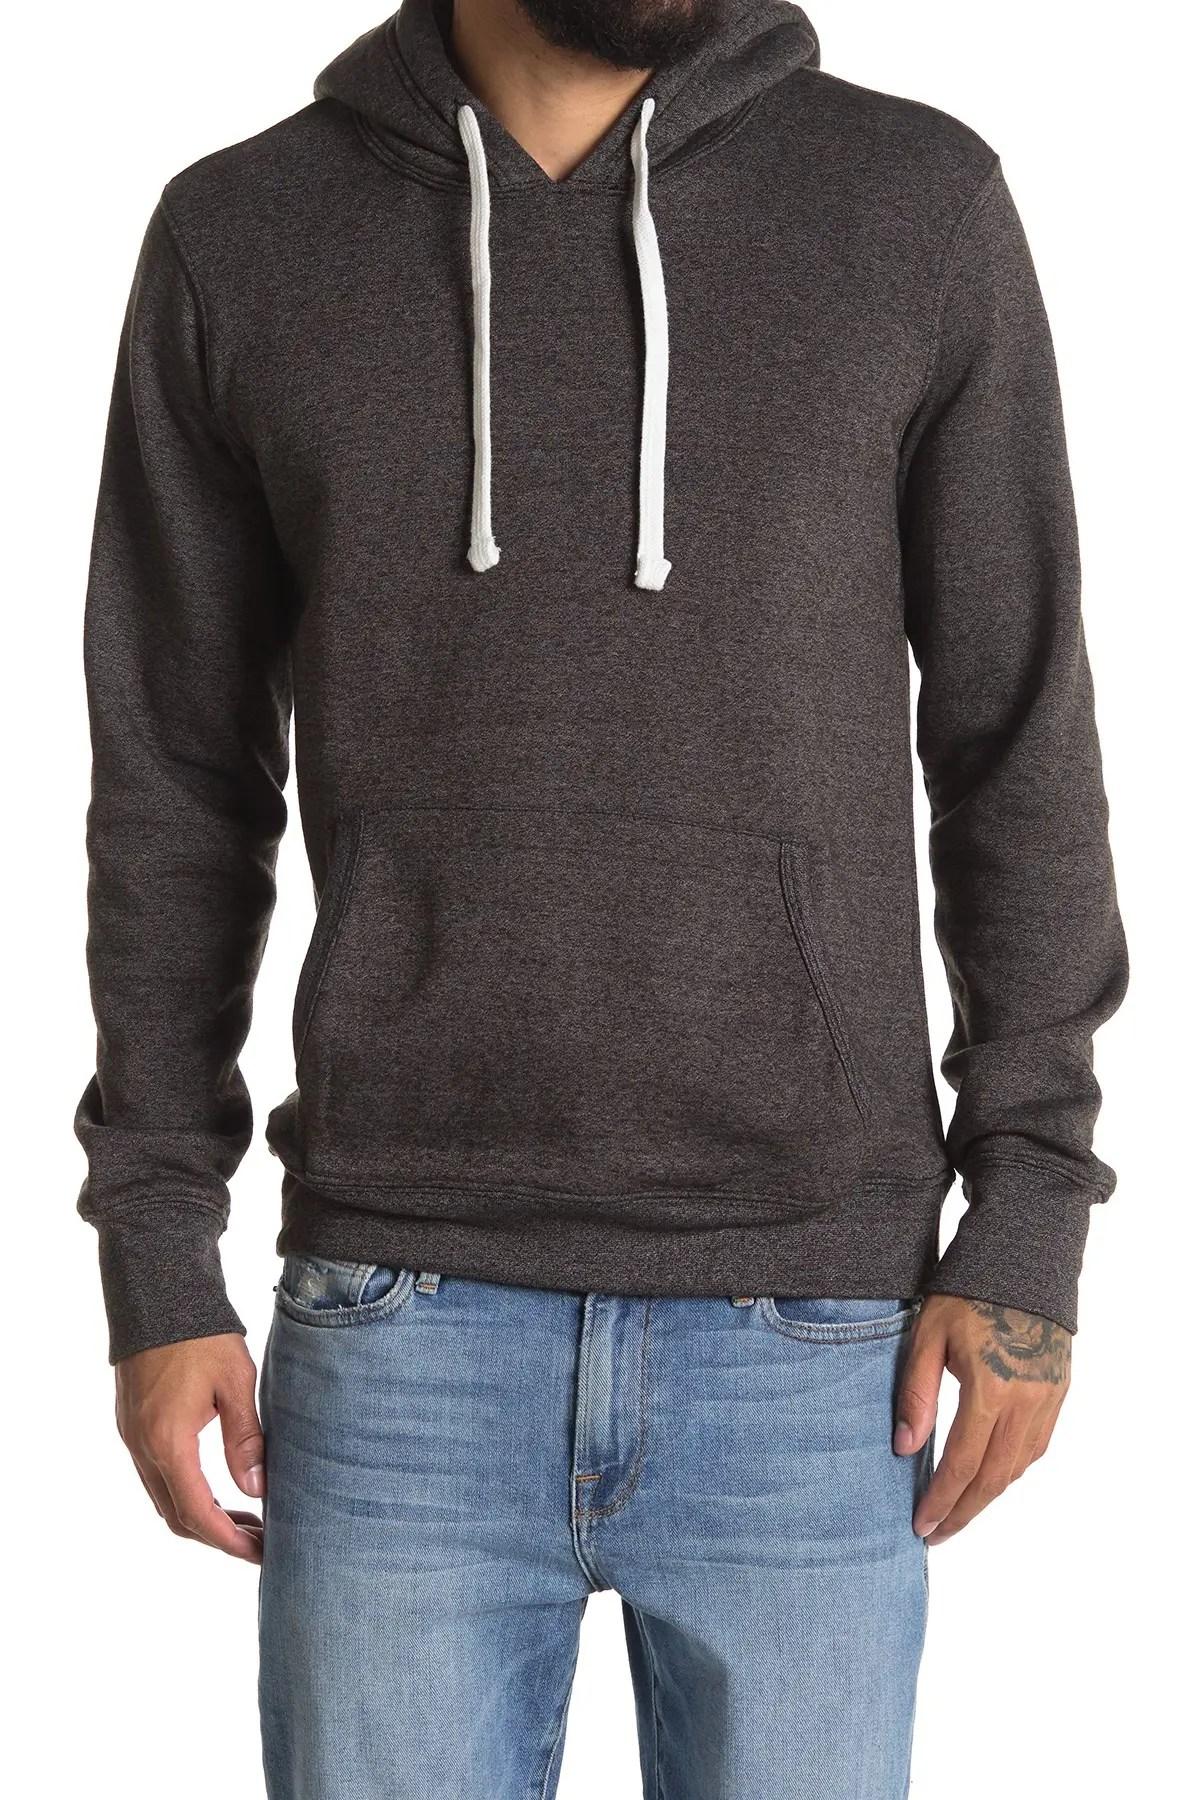 men s hoodies nordstrom rack